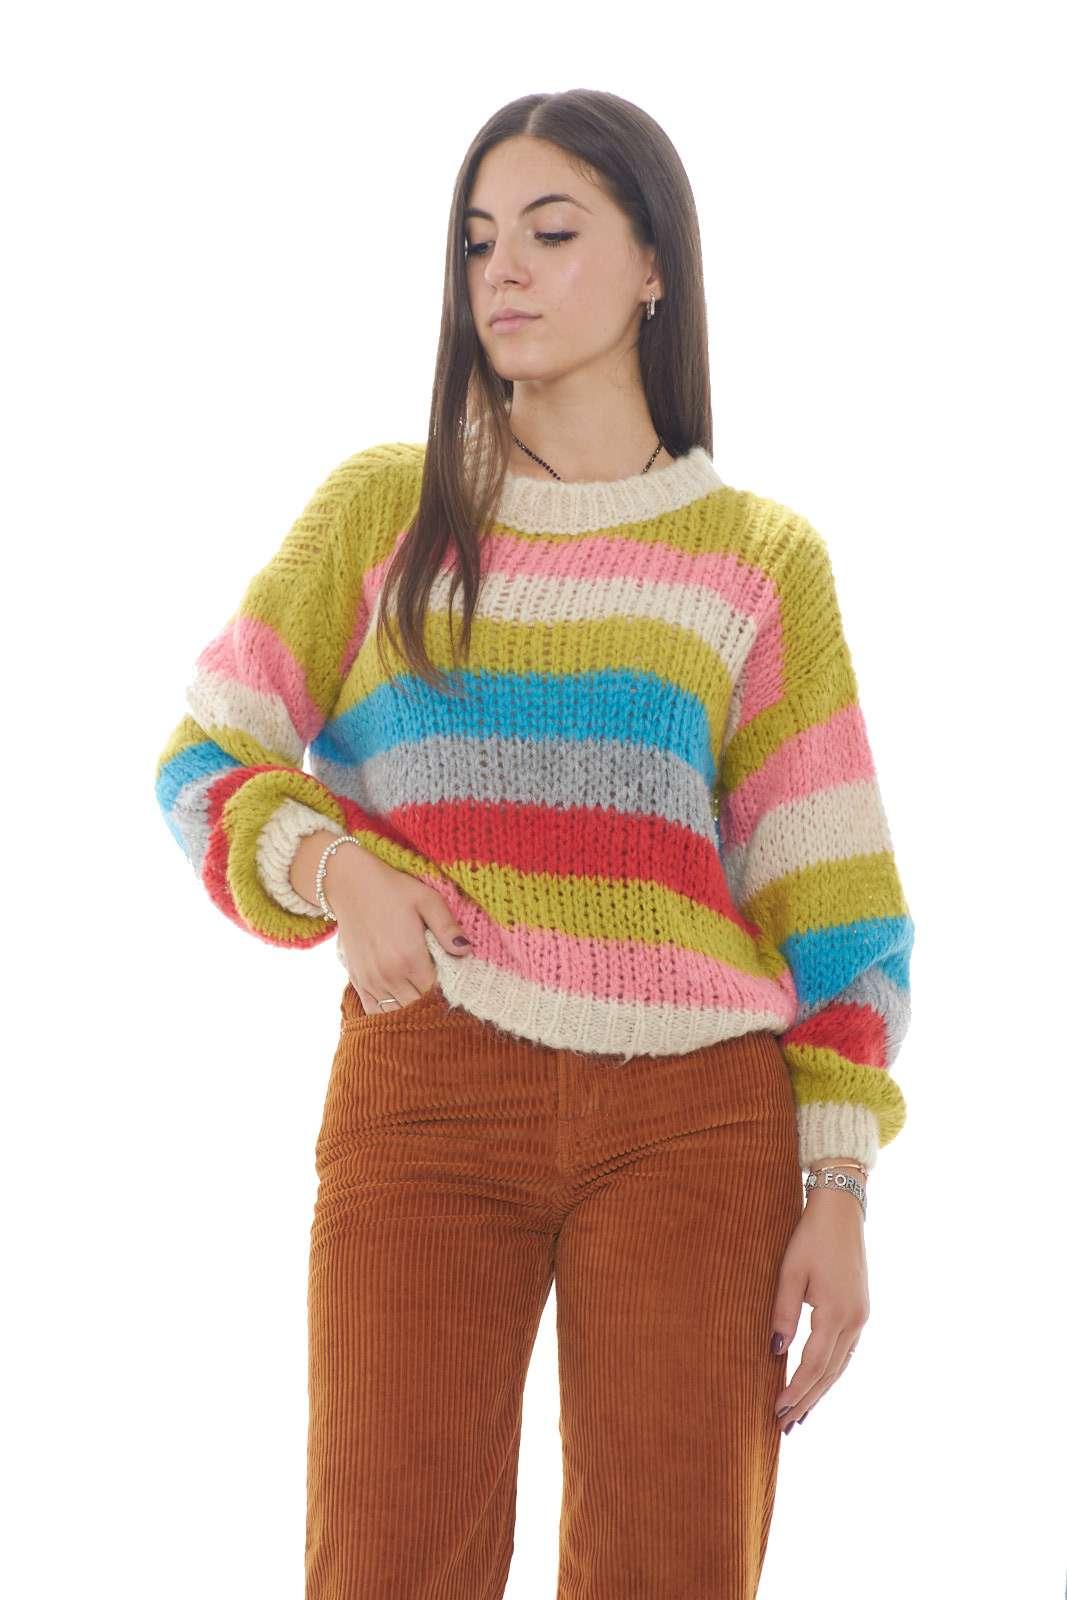 Colorato e vivace, questo maglioncino firmato King Kong. Perfetto per outfit invernali casual e trendy, che abbinano stile e praticità, in un connubio perfetto.